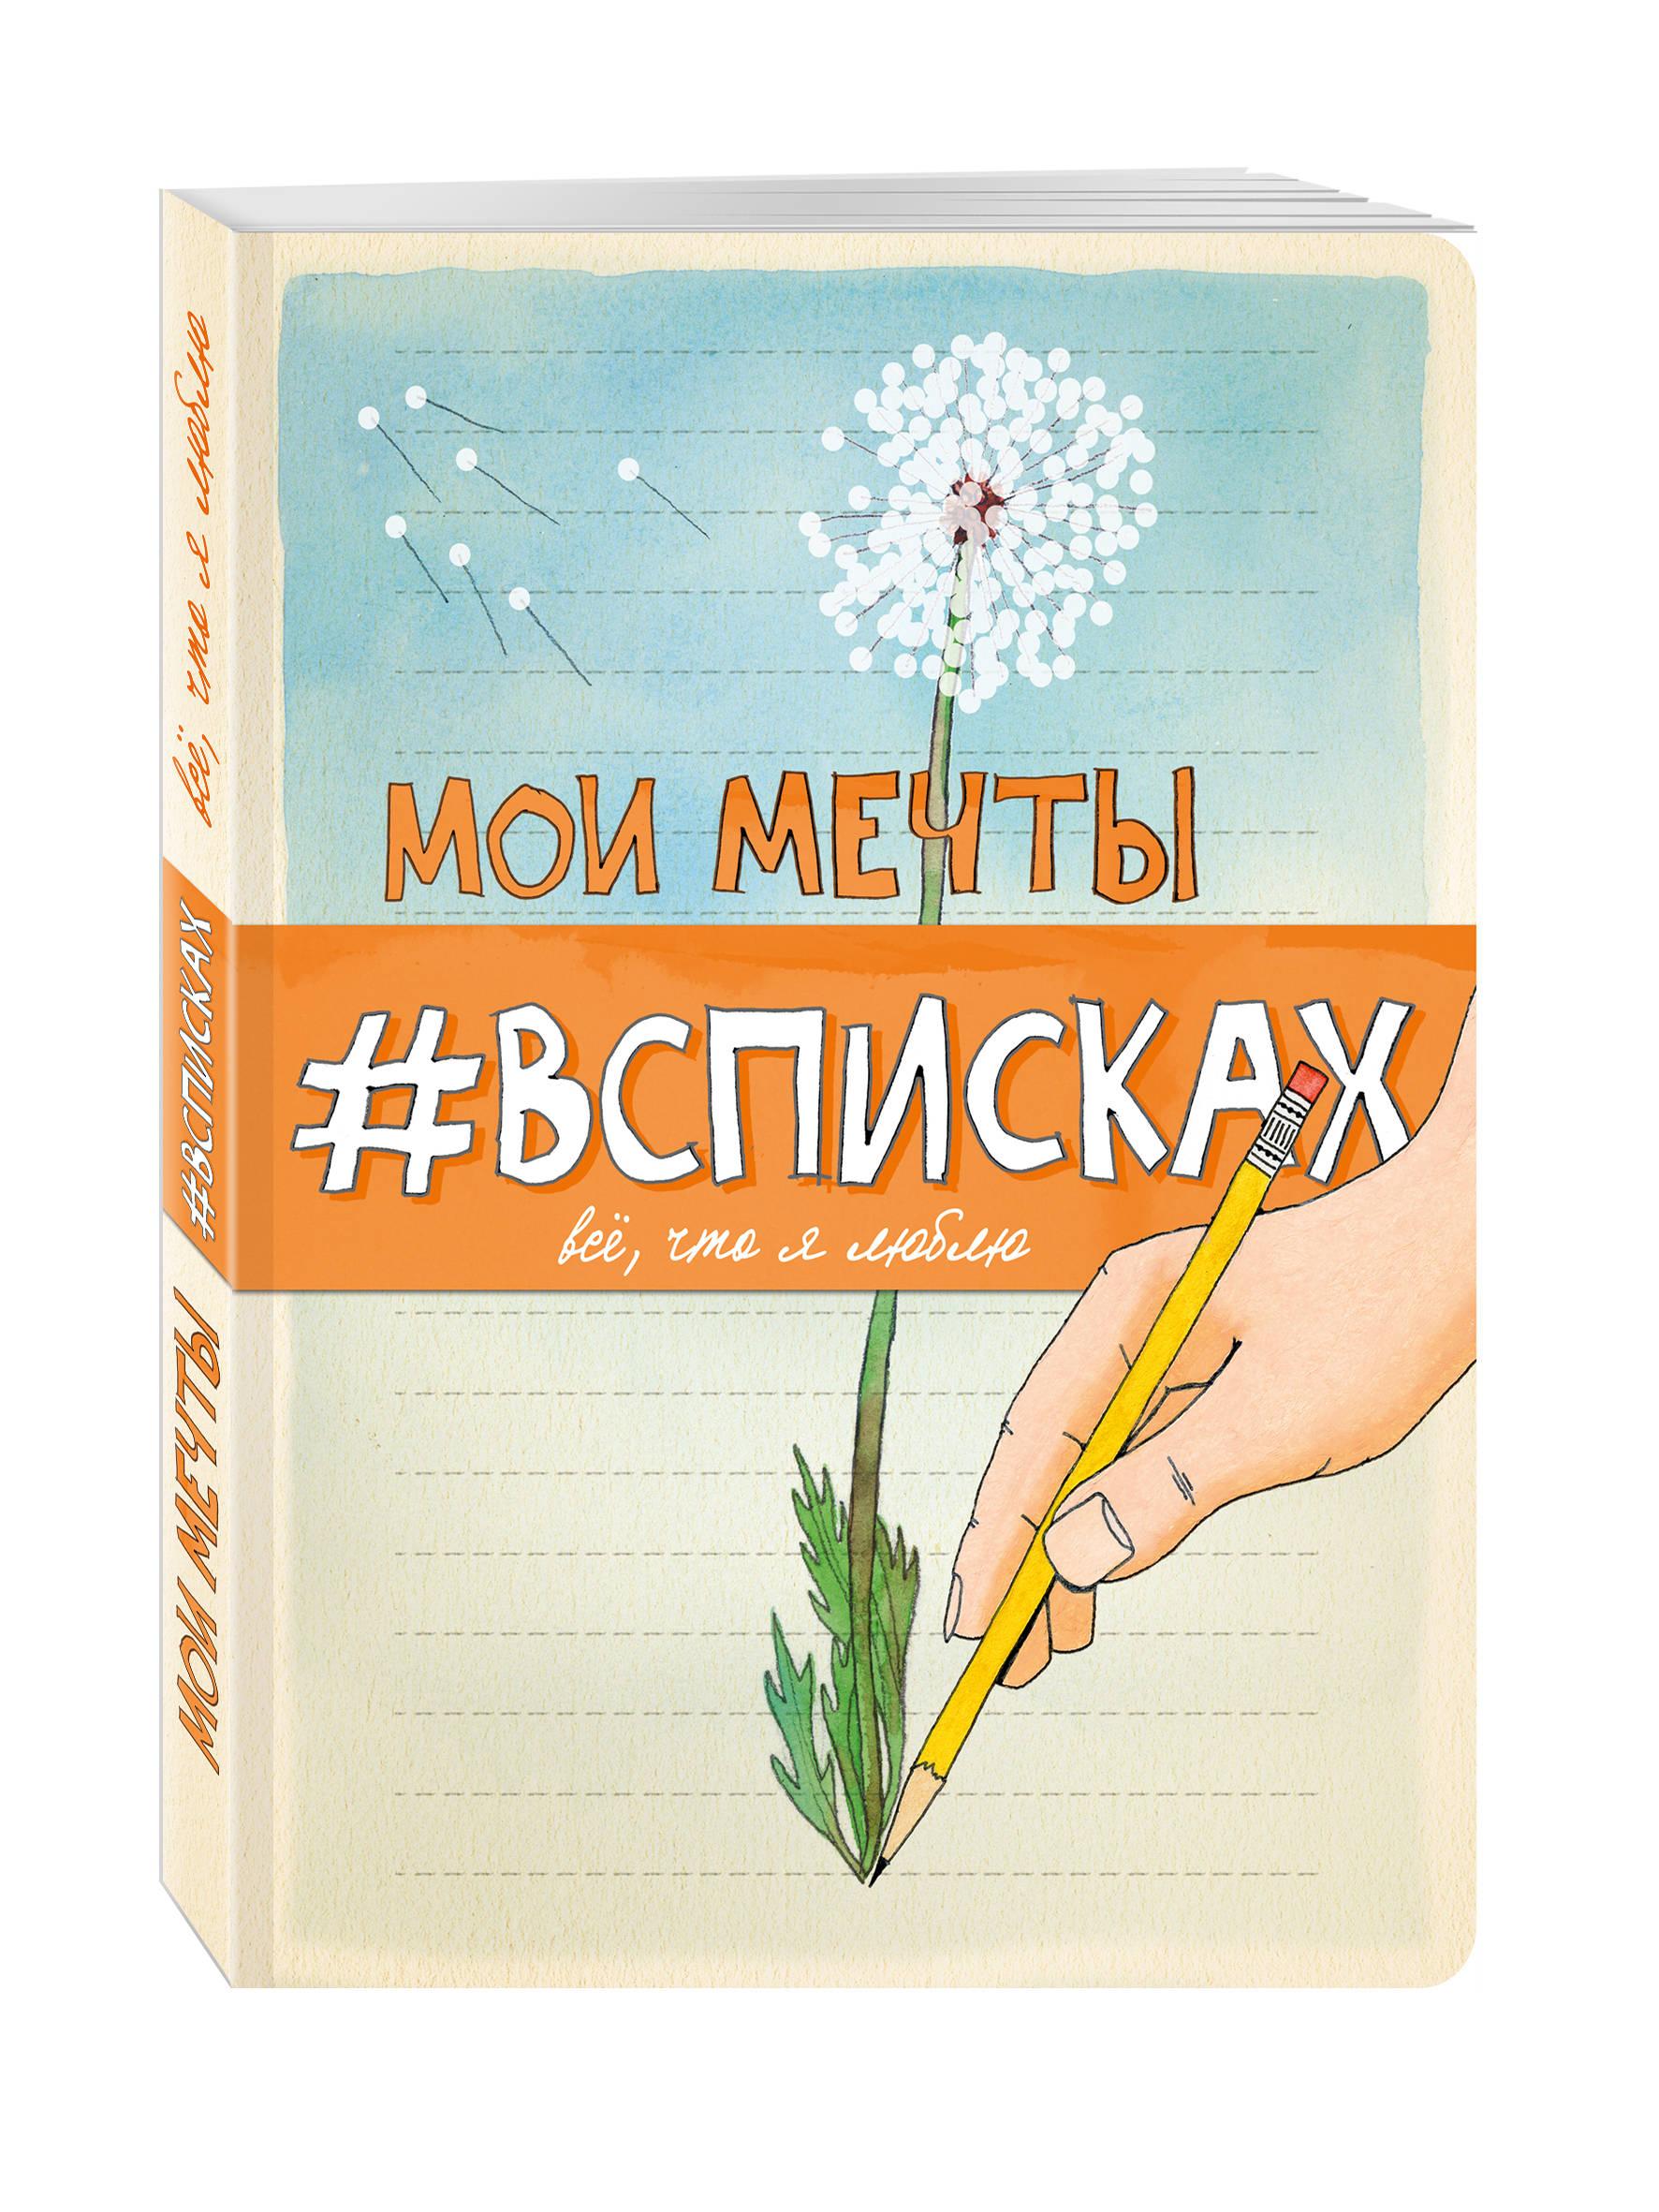 Мои мечты #всписках ( Нола Л.  )